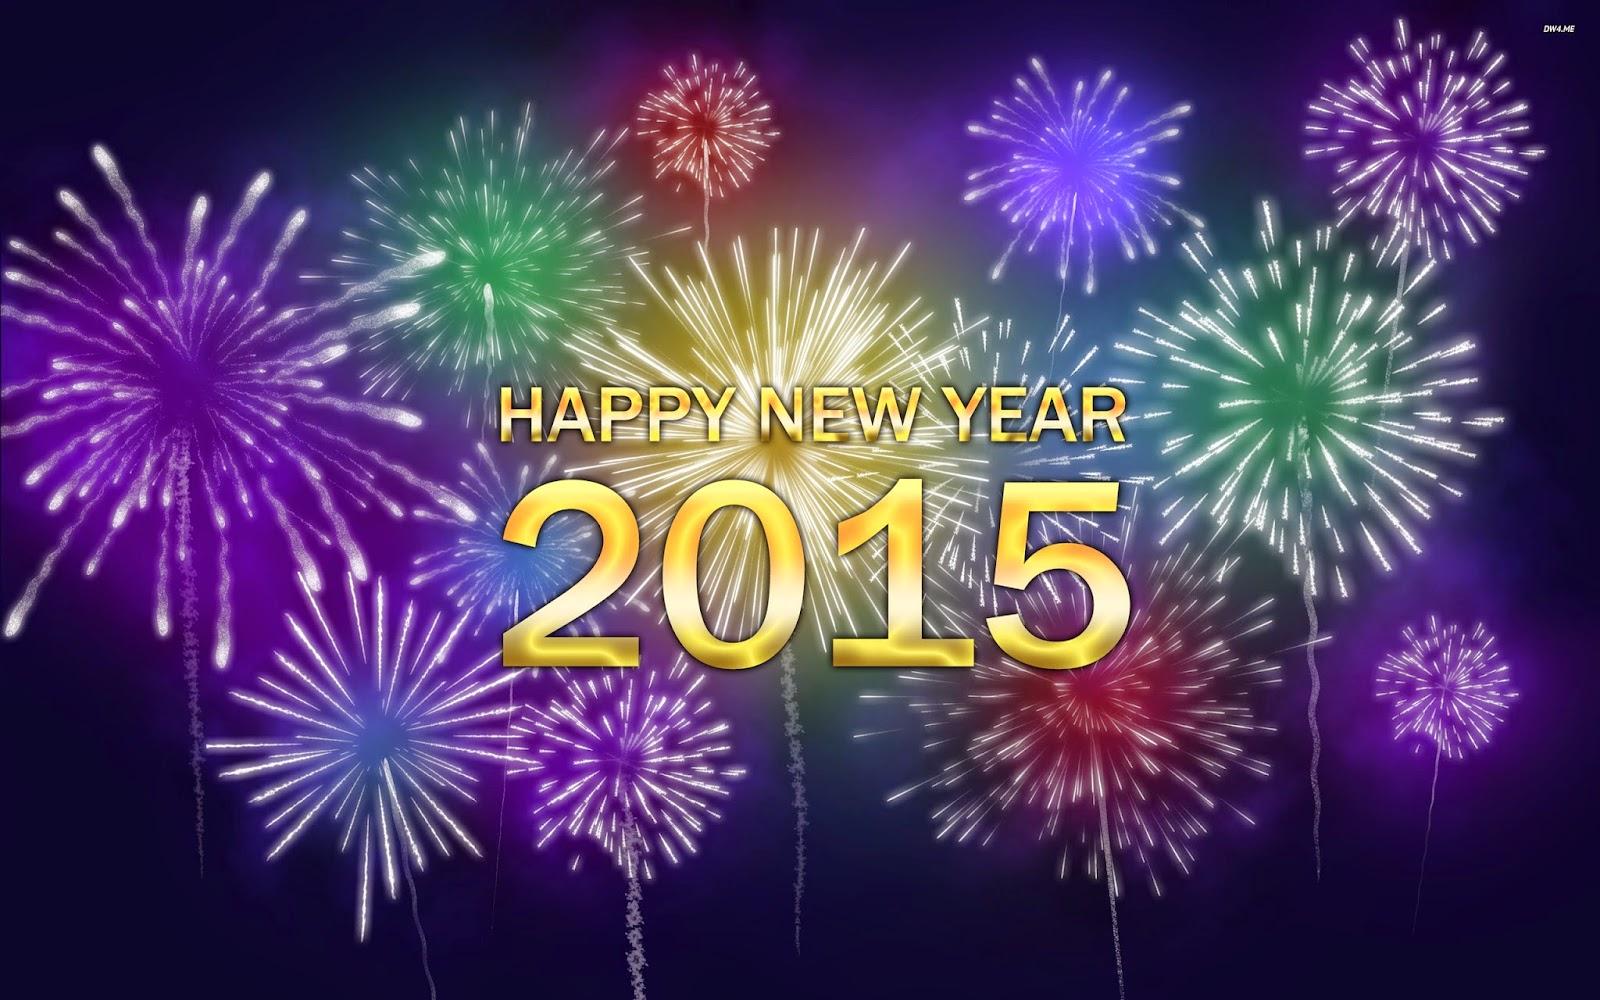 خلفيات سنة جديدة 2015